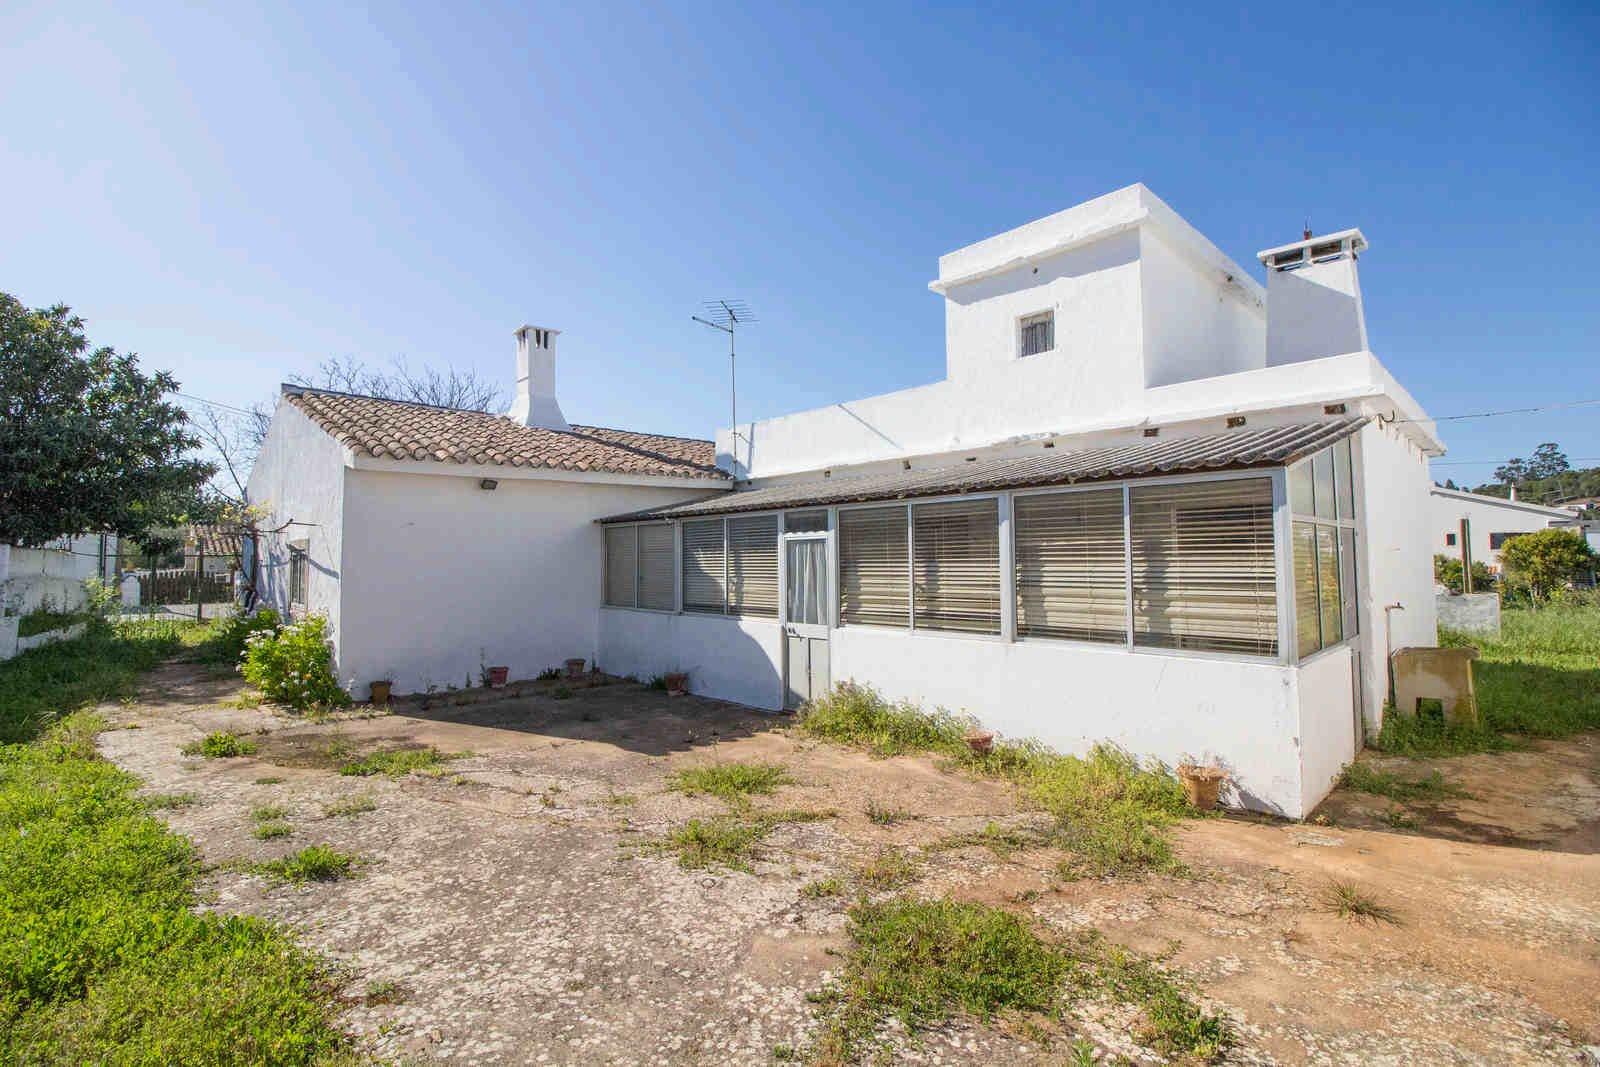 4 Bedroom Villa Sao Bras de Alportel, Central Algarve Ref: PV3482